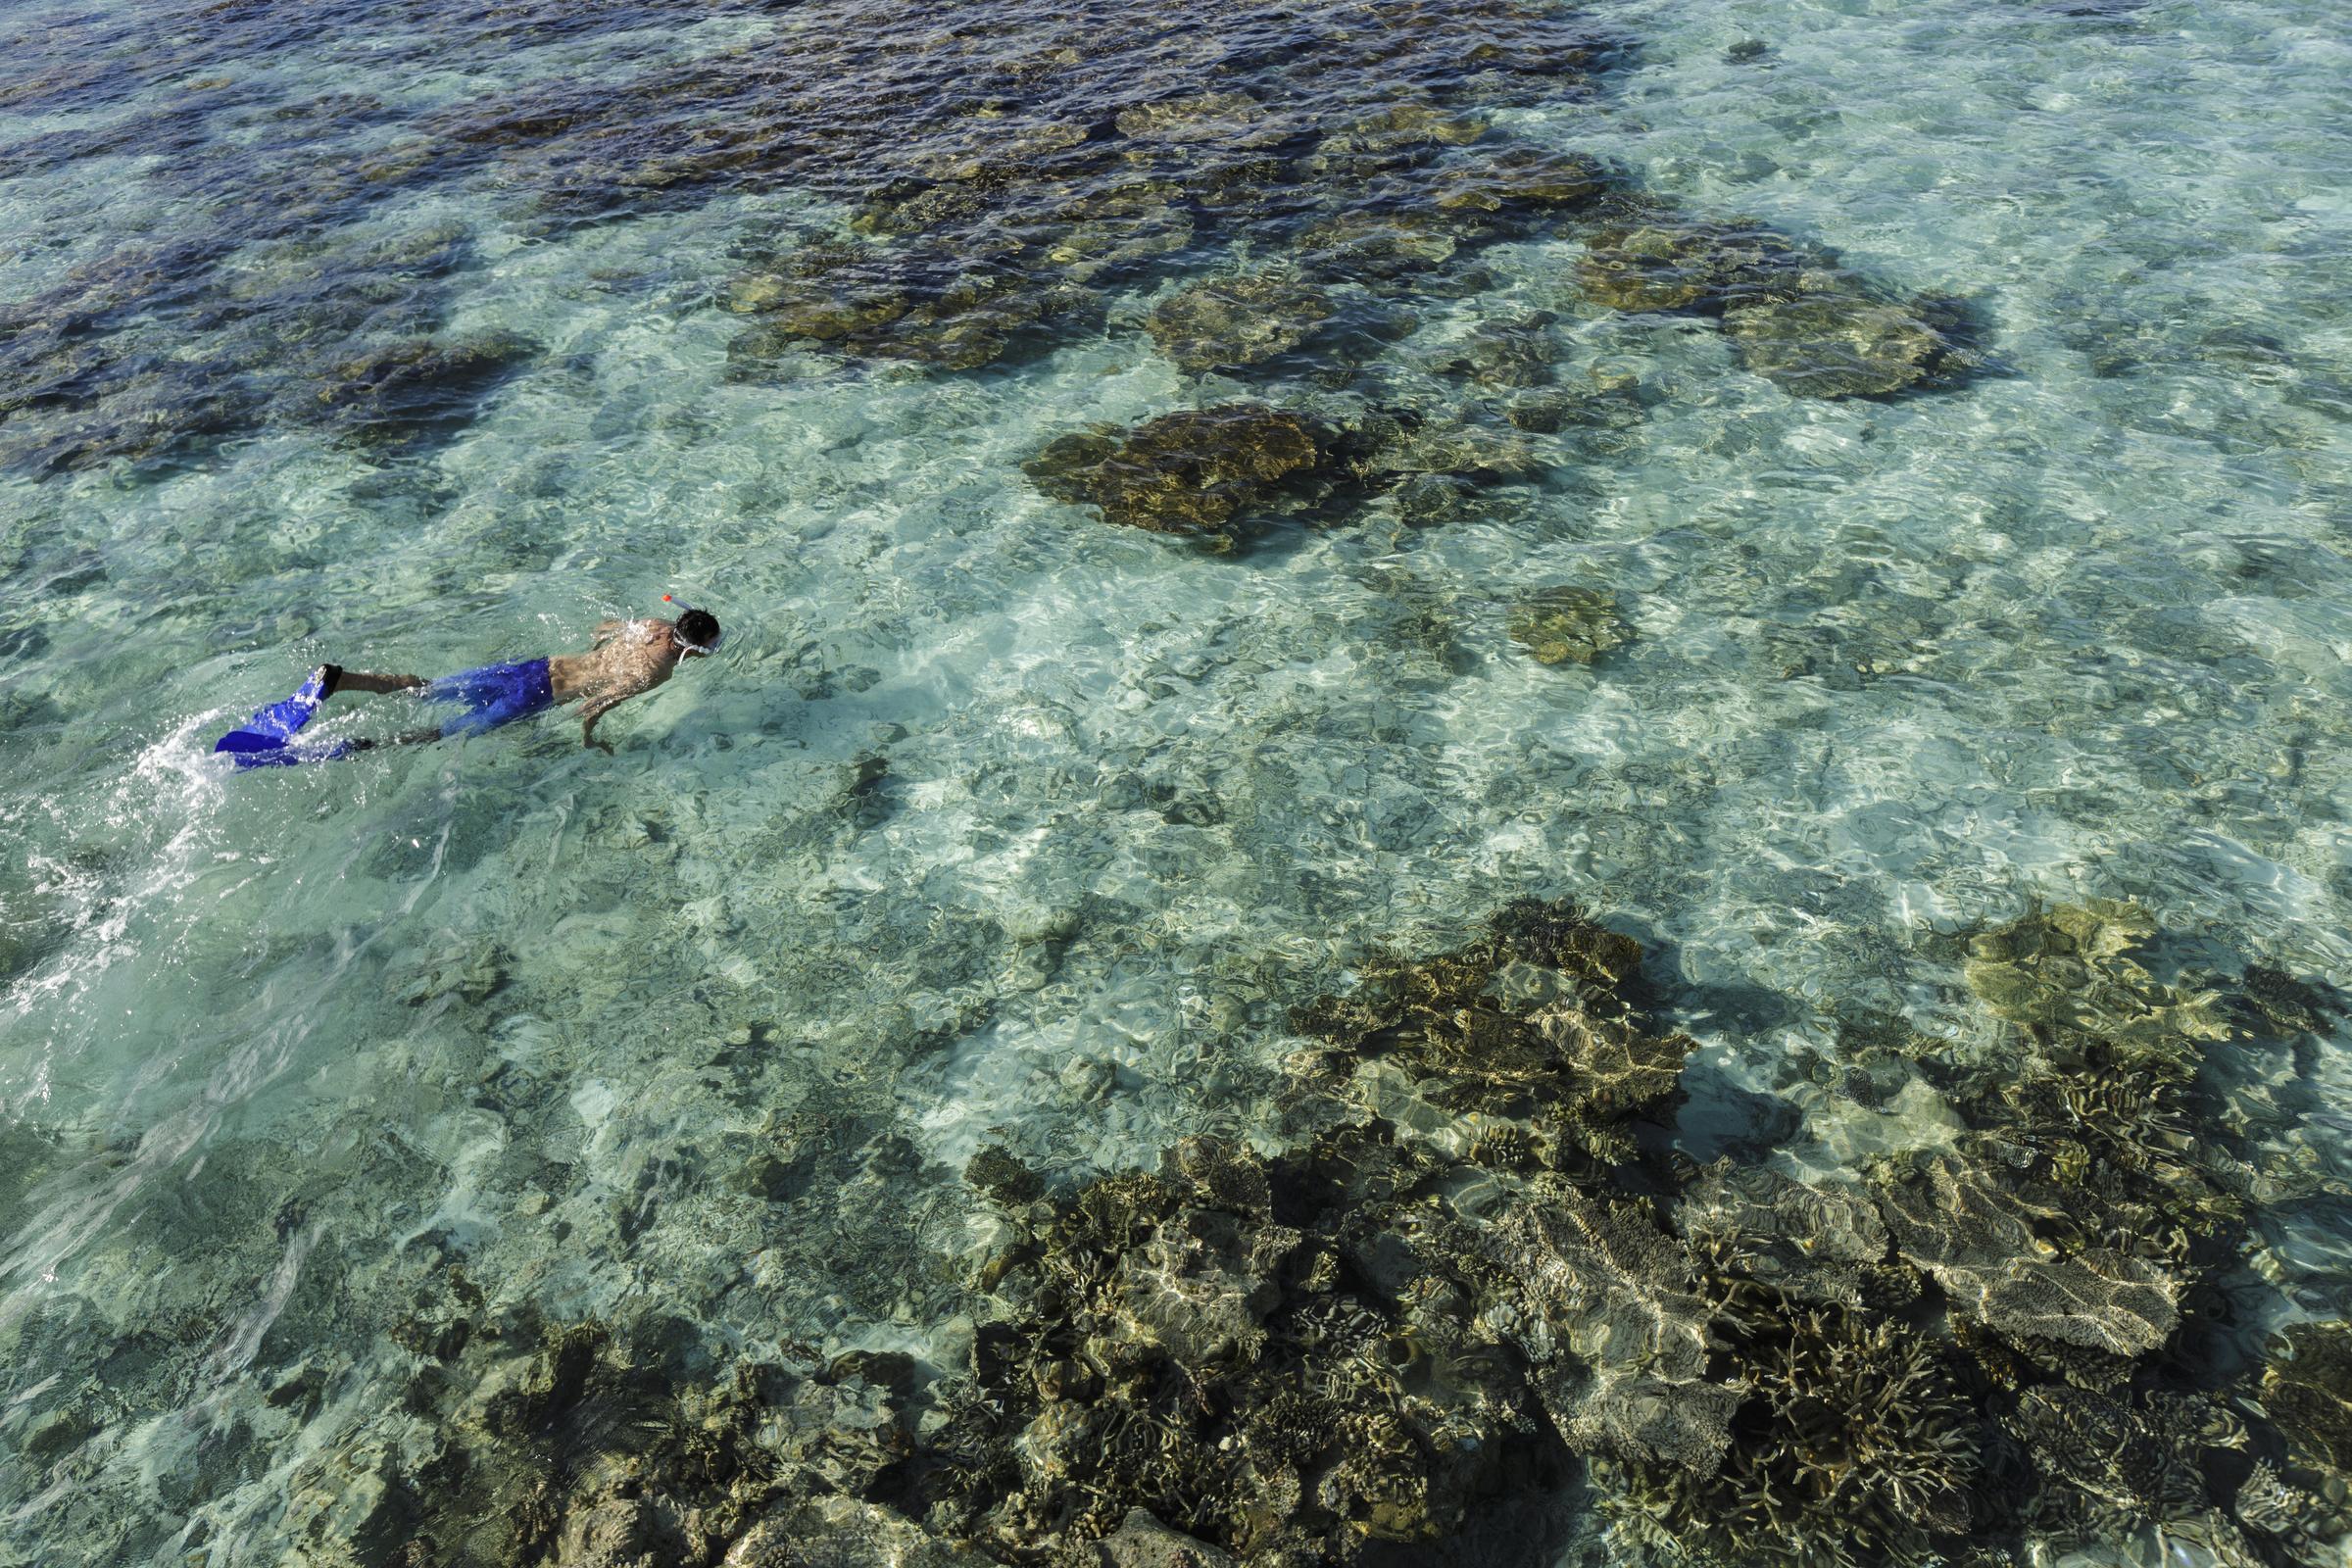 I coralli vicino sono il luogo perfetto per fare immersioni e scoprire la natura